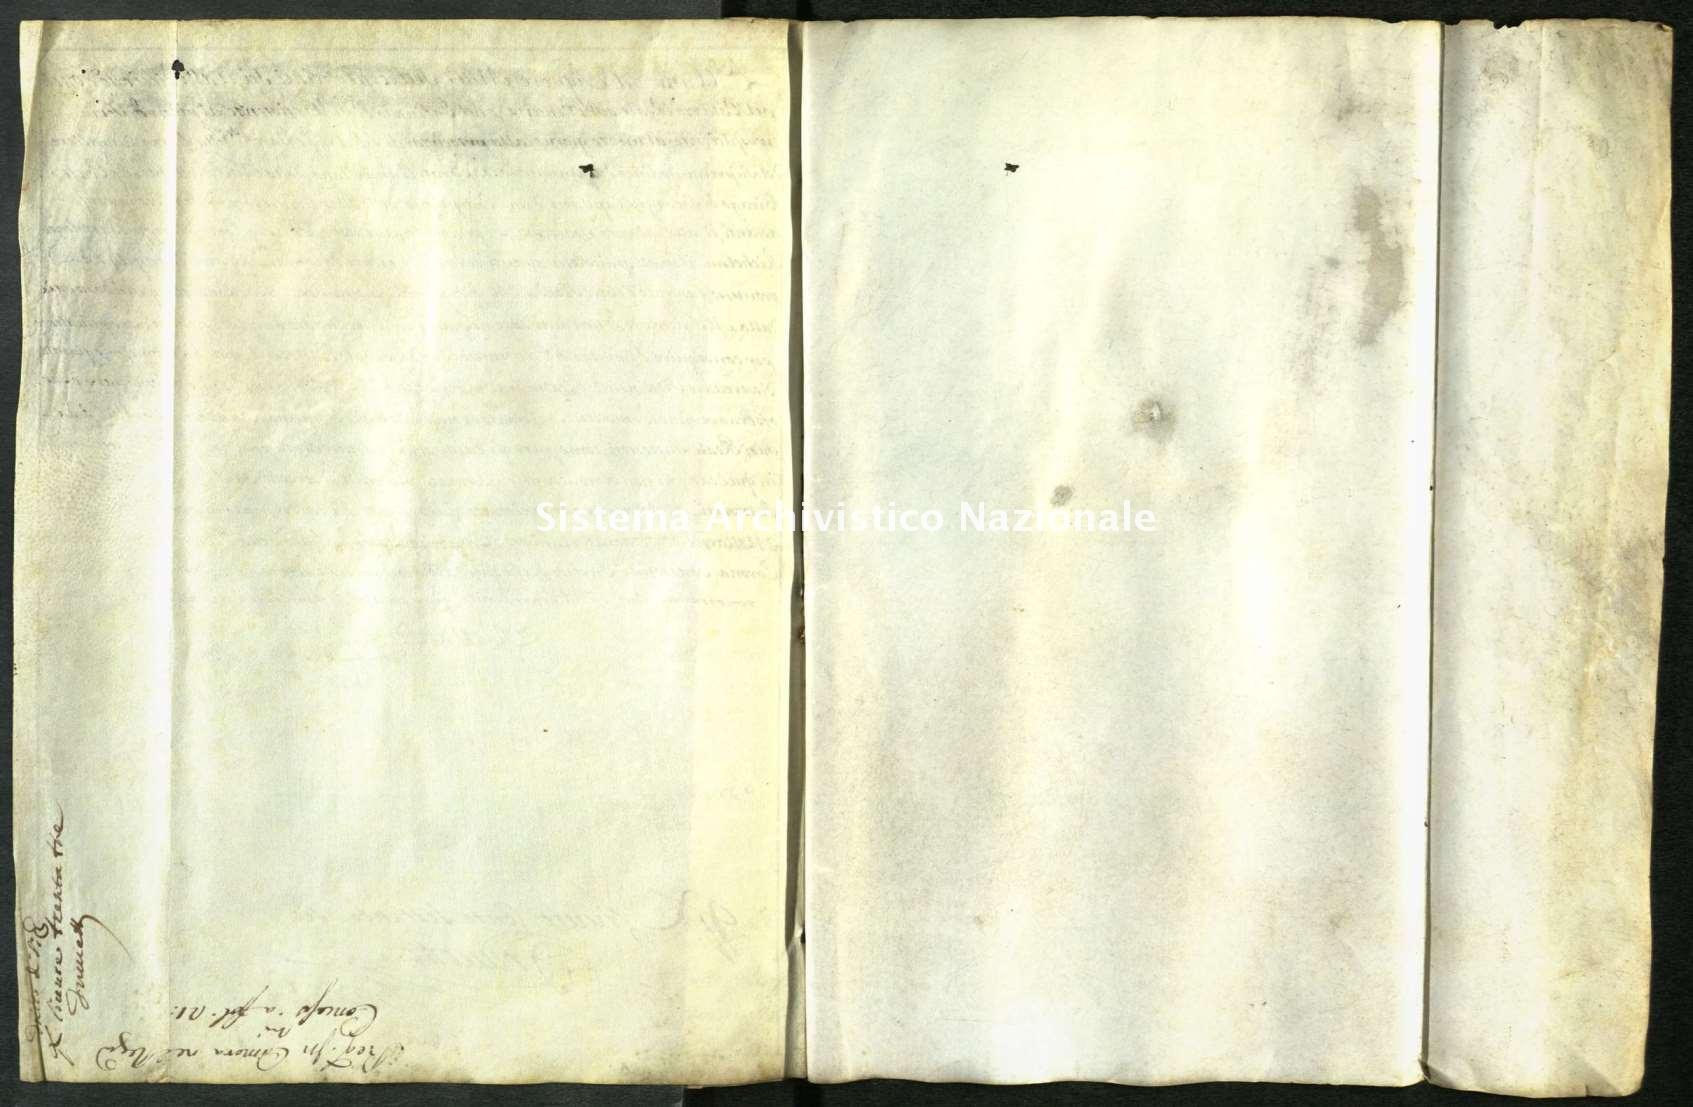 Archivio di Stato di Biella, Richelmy di Bovile, Pergamene, Venaria 1726